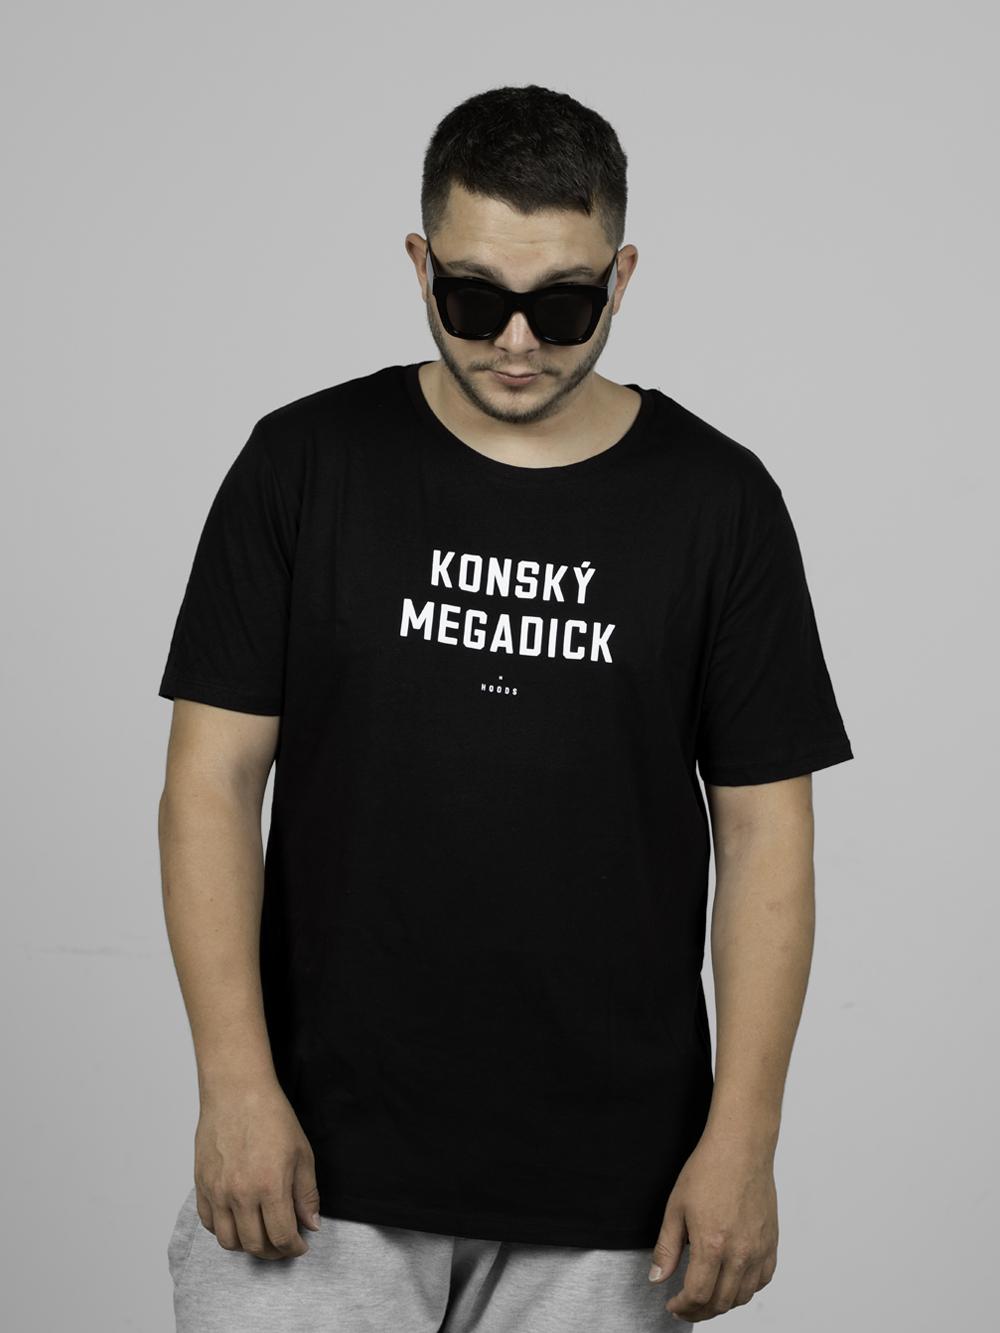 Konský Megadick